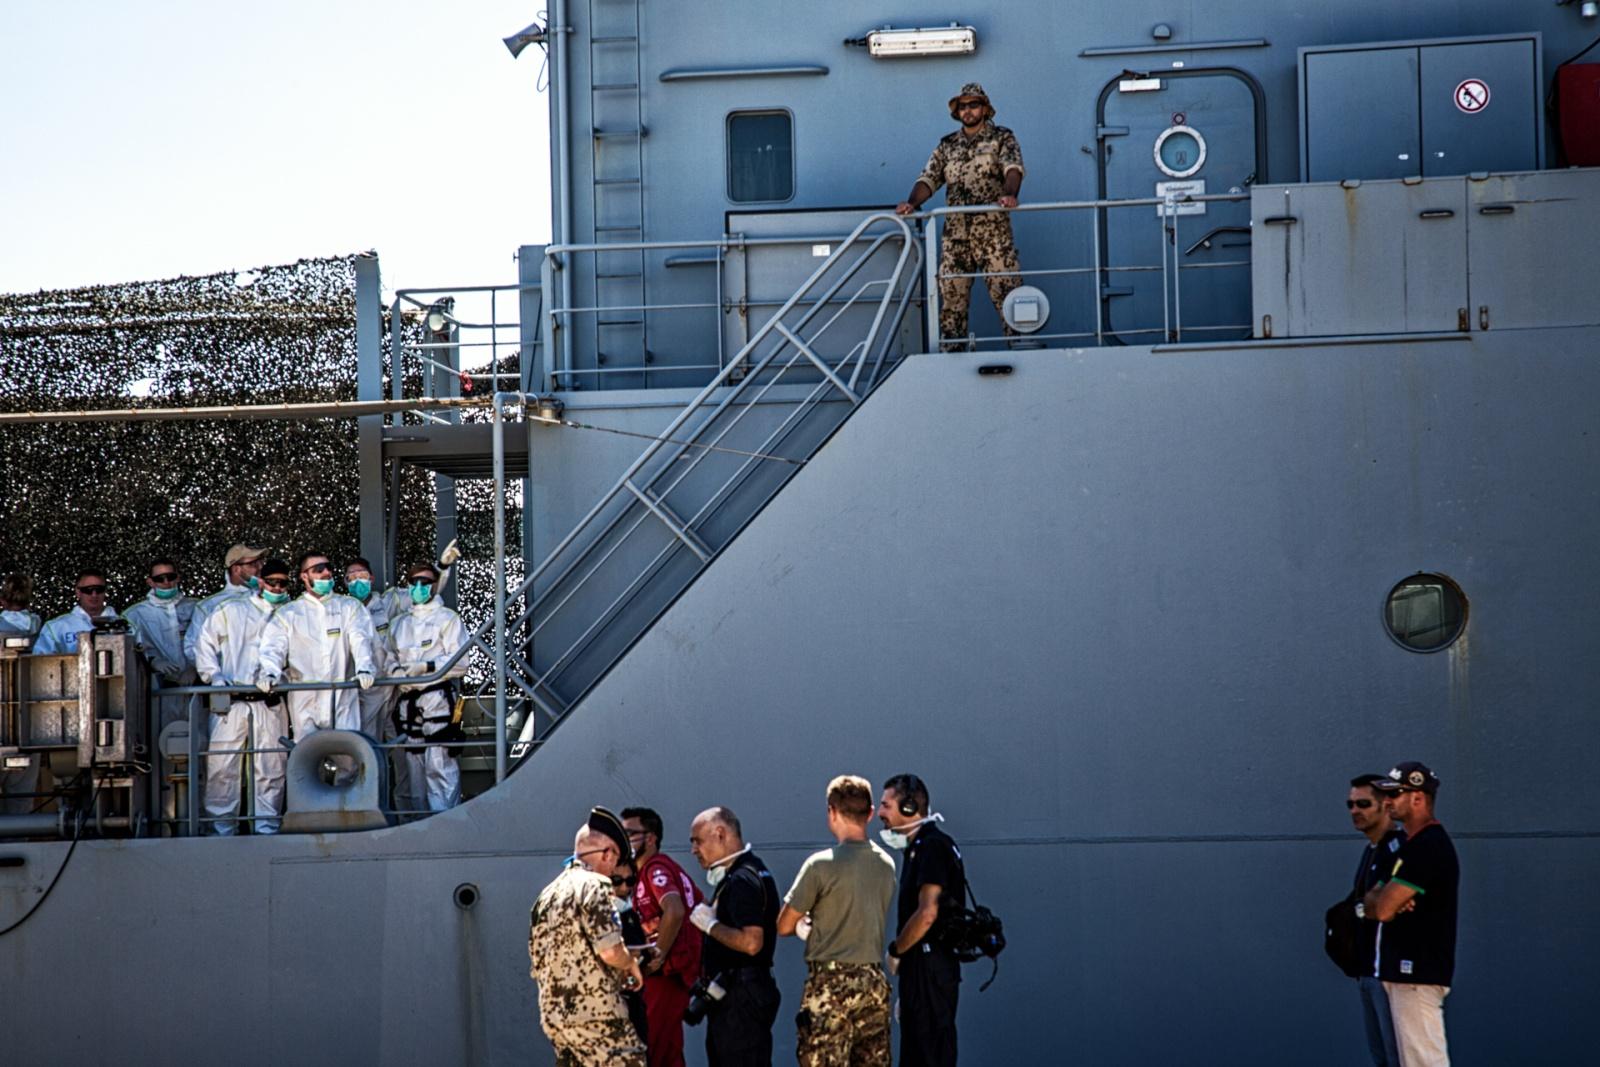 Personale medico e di sicurezza all'arrivo della nave militare tedesca Werra sul molo del porto di Augusta, con 105 migranti recuperati in alto mare il giorno prima agosto 2015. © Max Hirzel.